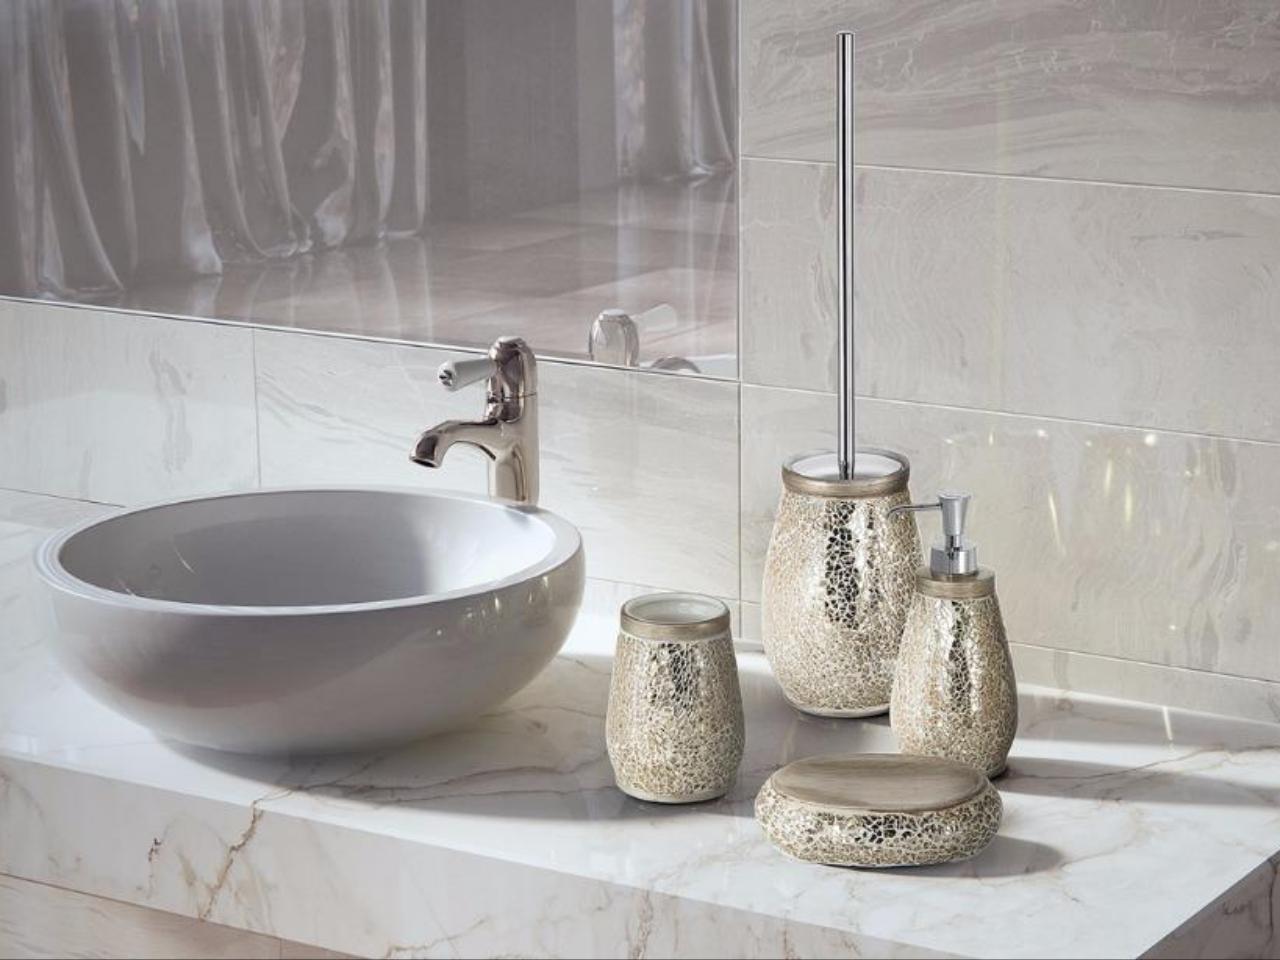 Accessori bagno: i dettagli che fanno la differenza | Bagnoidea